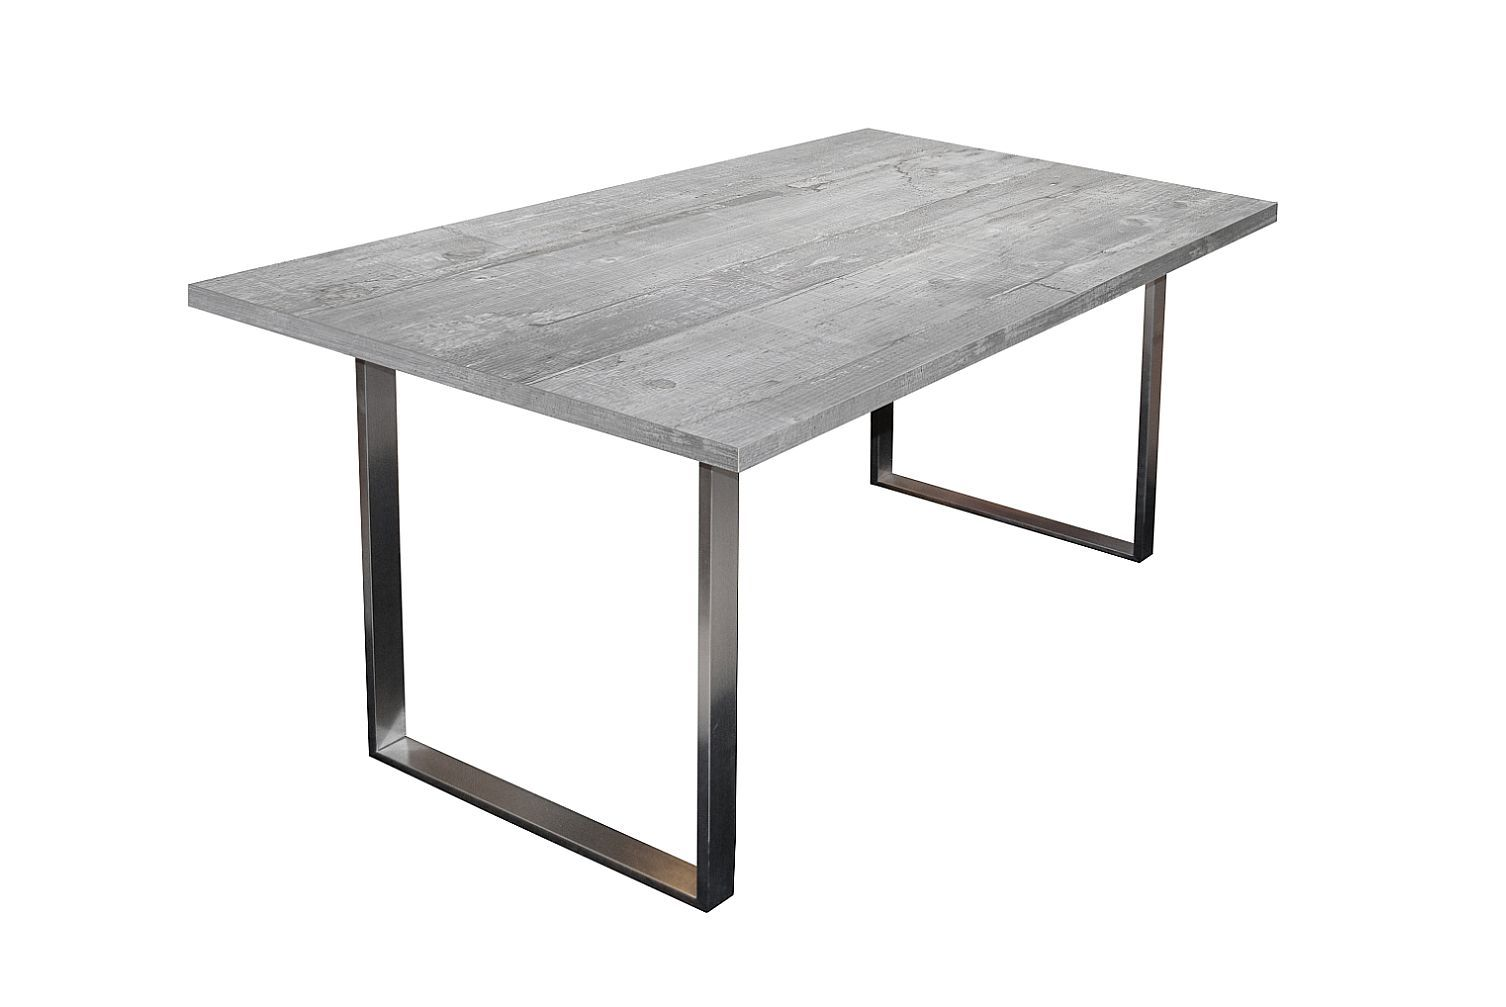 steel esstisch 0546 160 90 beton online kaufen. Black Bedroom Furniture Sets. Home Design Ideas